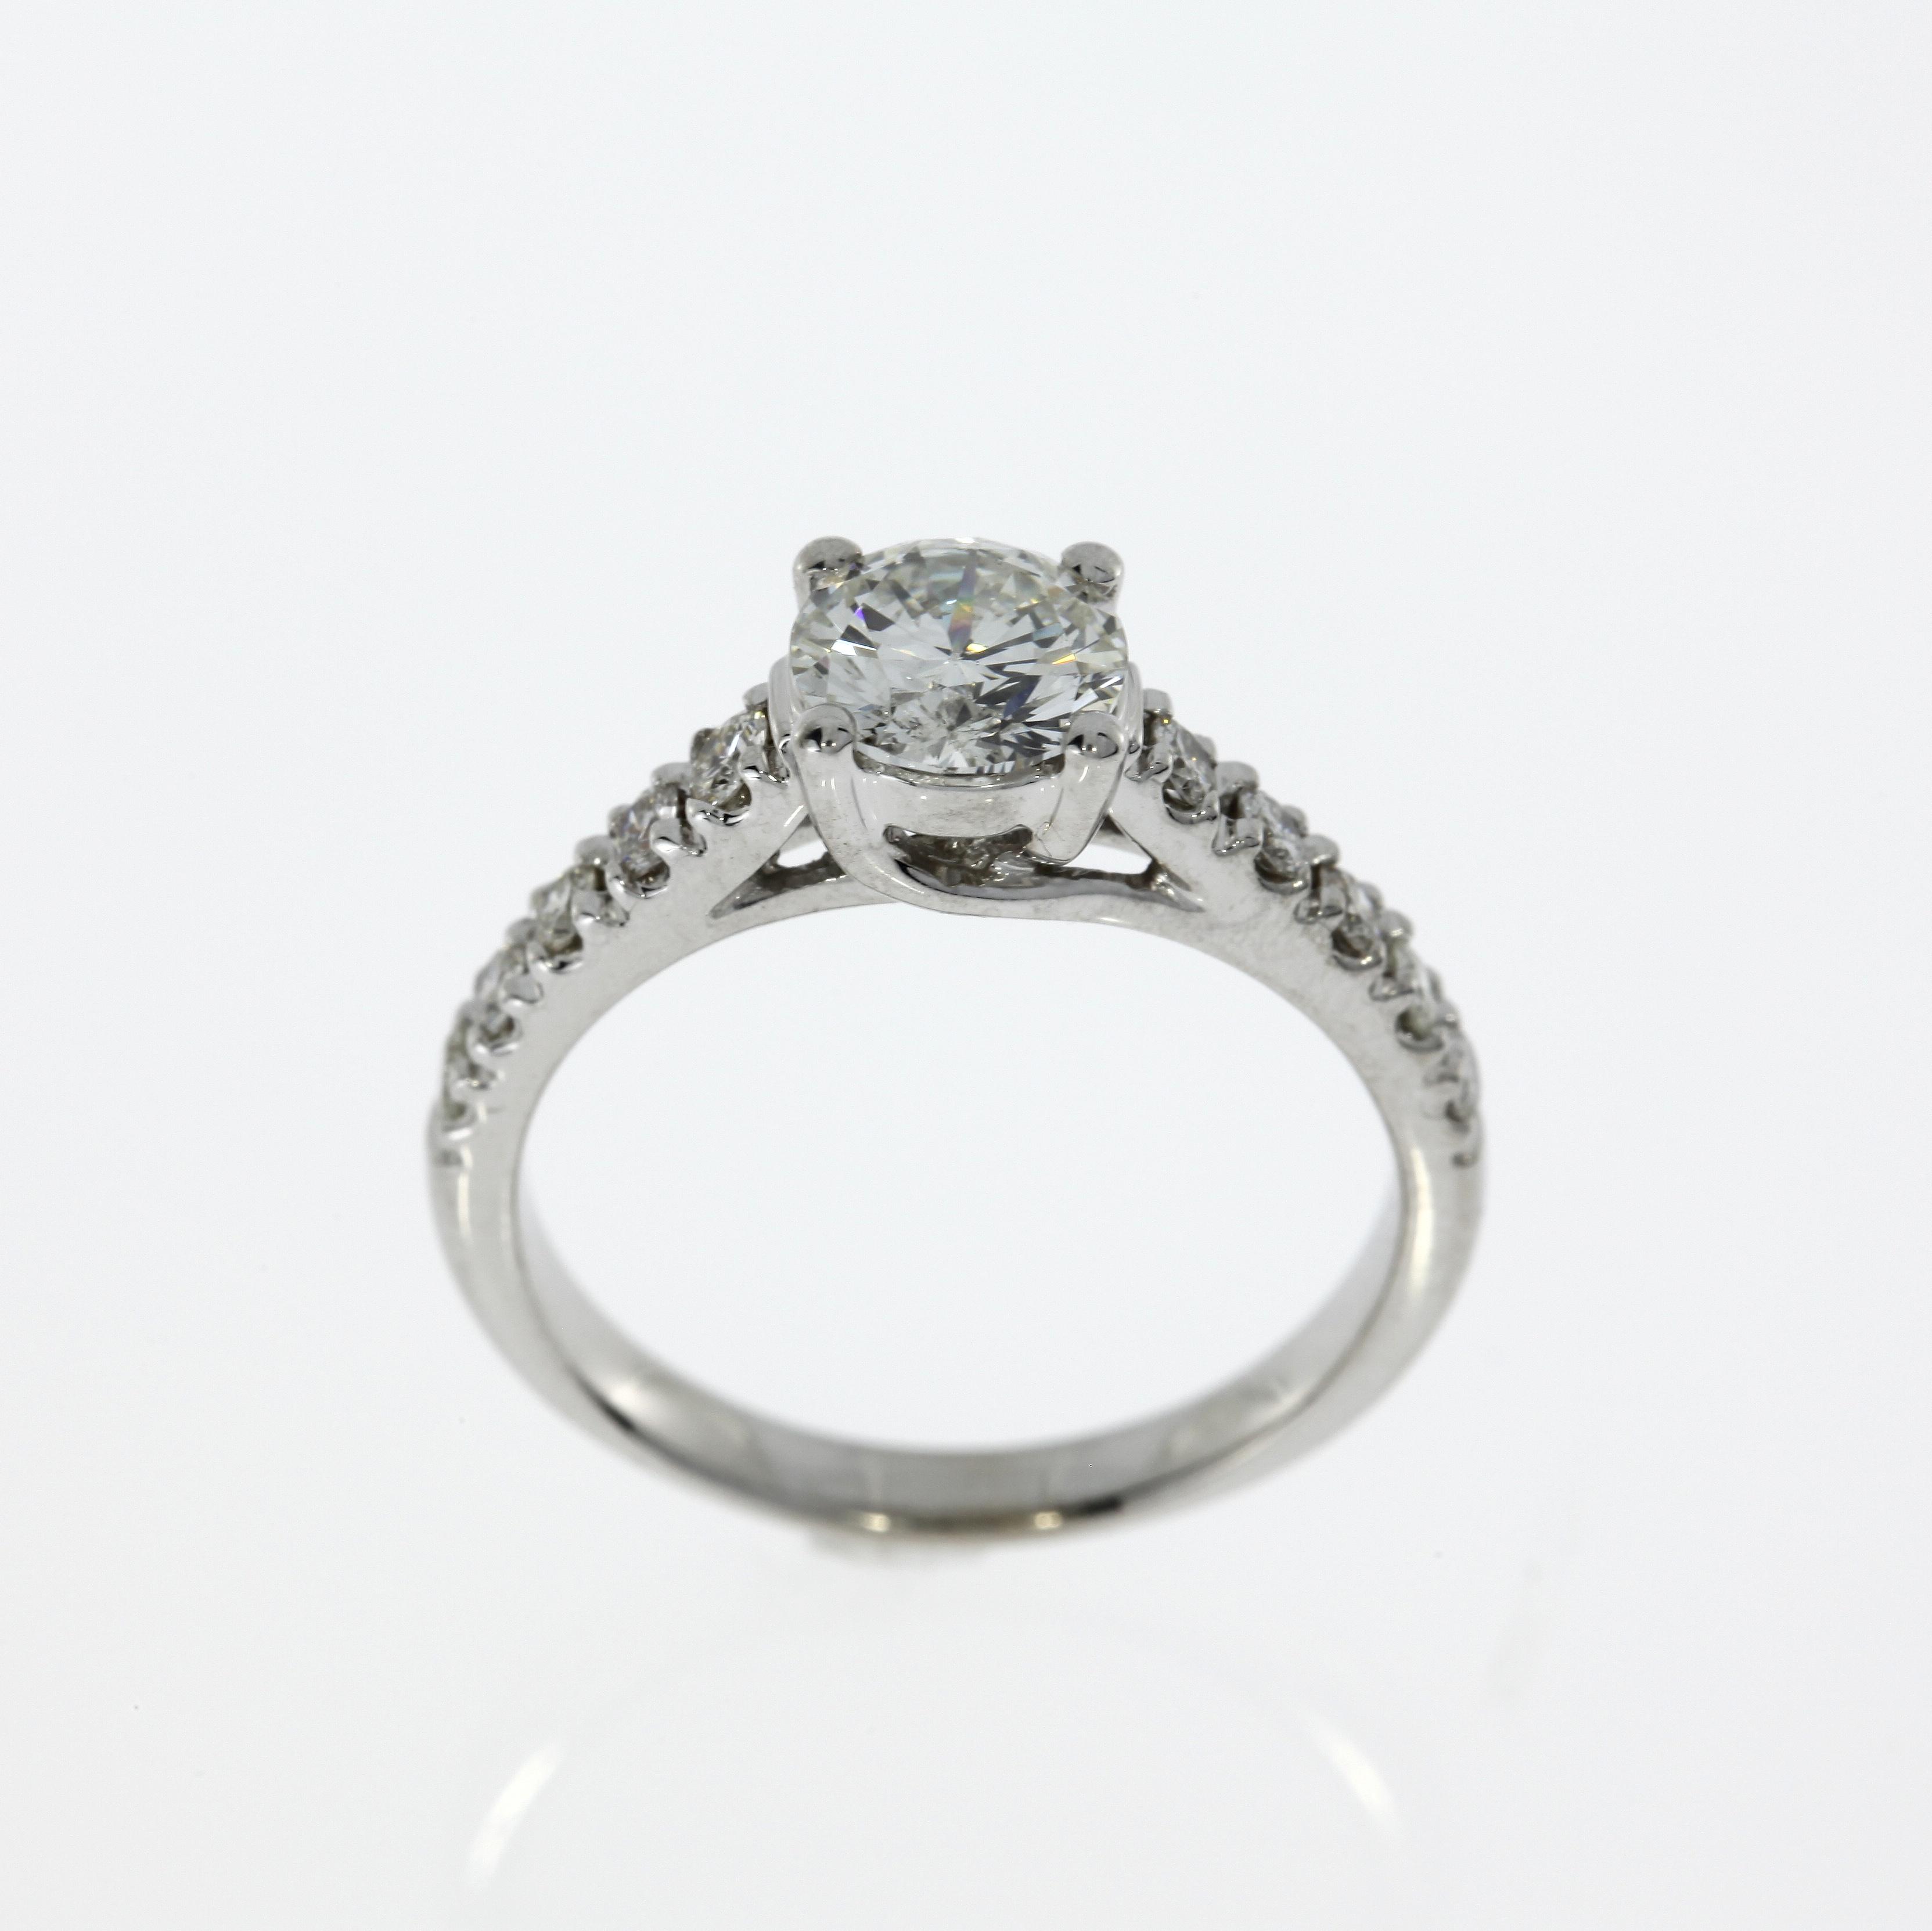 COLORLESS 1 49 CT ROUND DIAMOND RING LADIES ANNIVERSARY VS1 18 KARAT WHITE GO